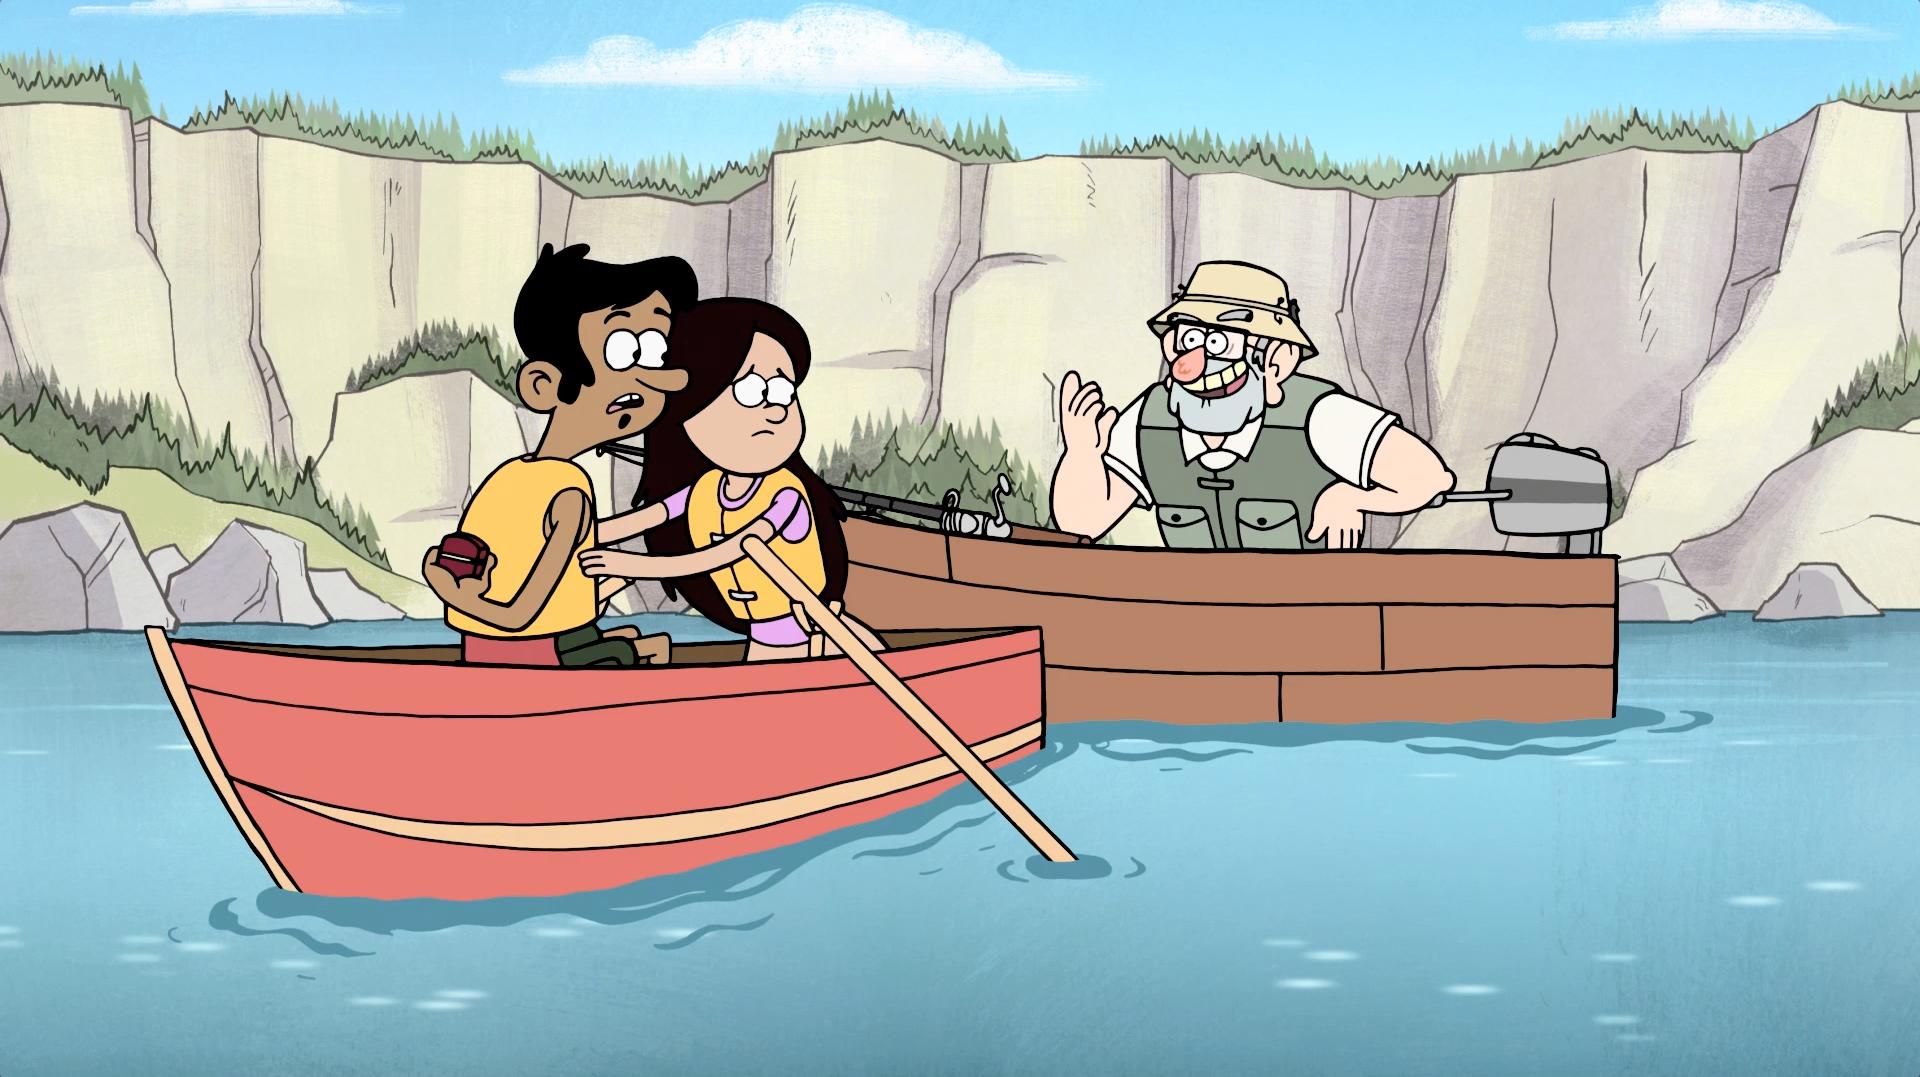 Cómo hacer amigos - Anti Lifehacks #135 - Gravity Falls